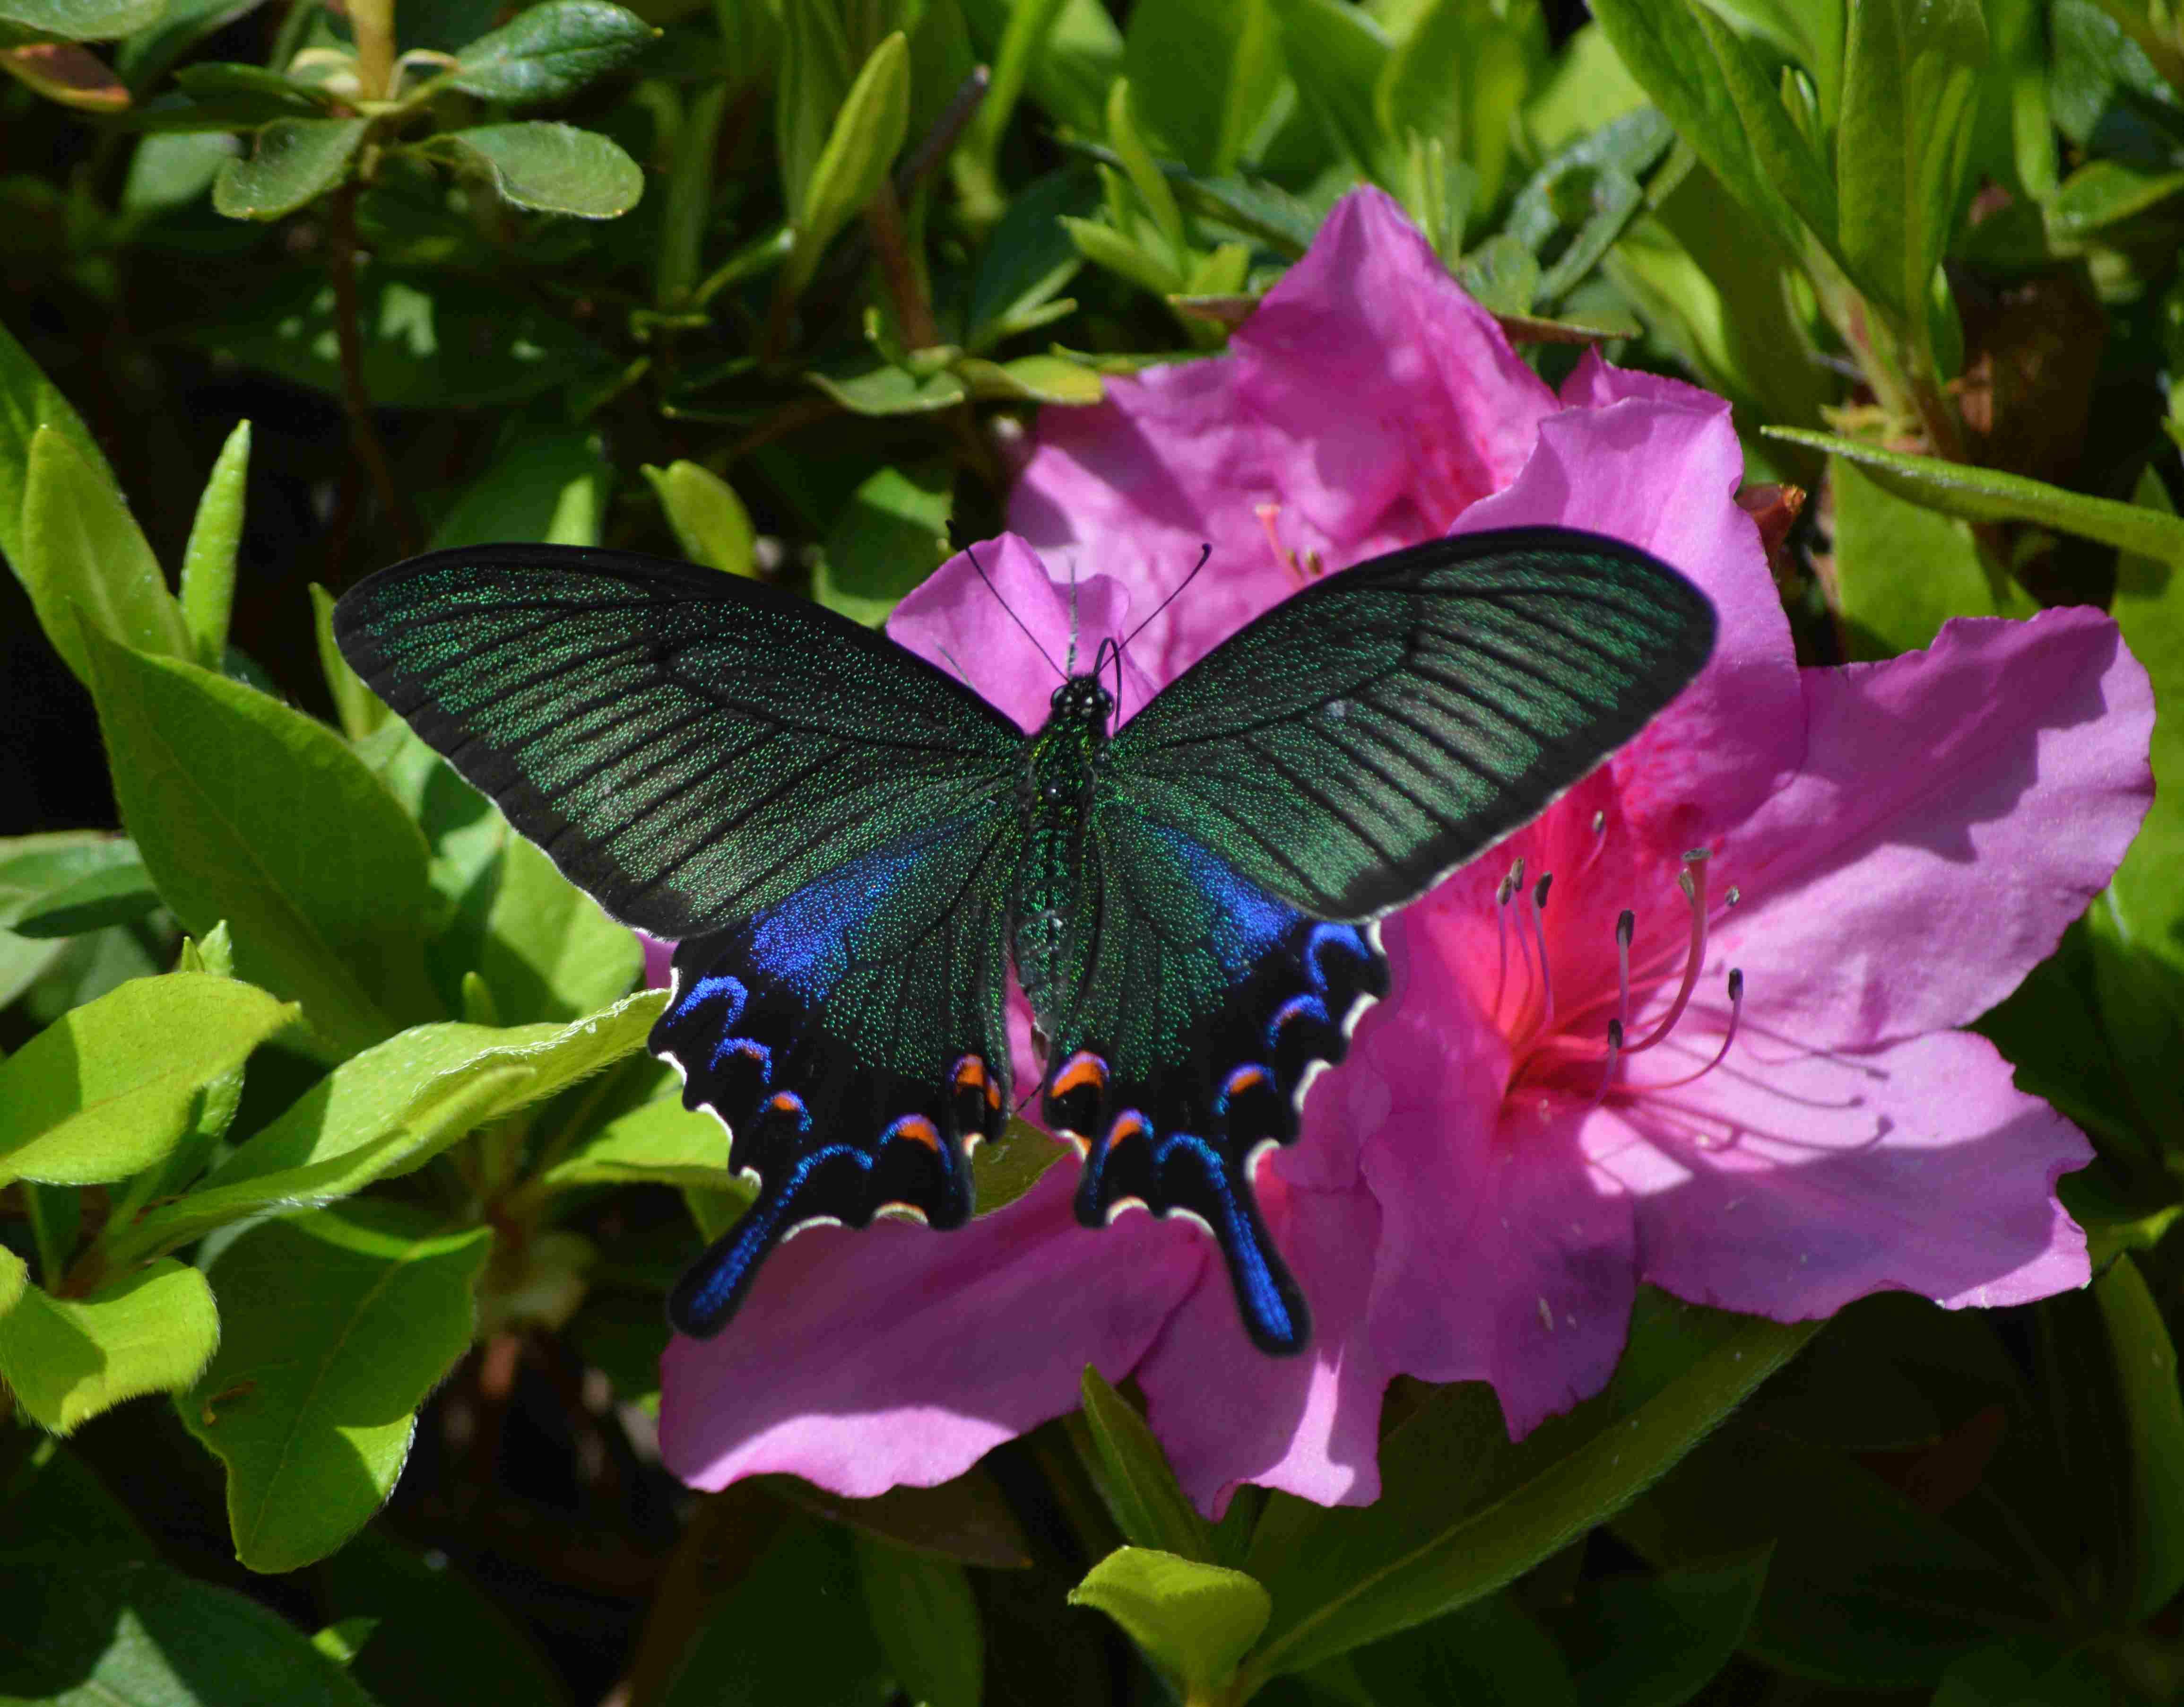 カラスアゲハ 5月2日ツツジの咲く公園にて_d0254540_19464161.jpg